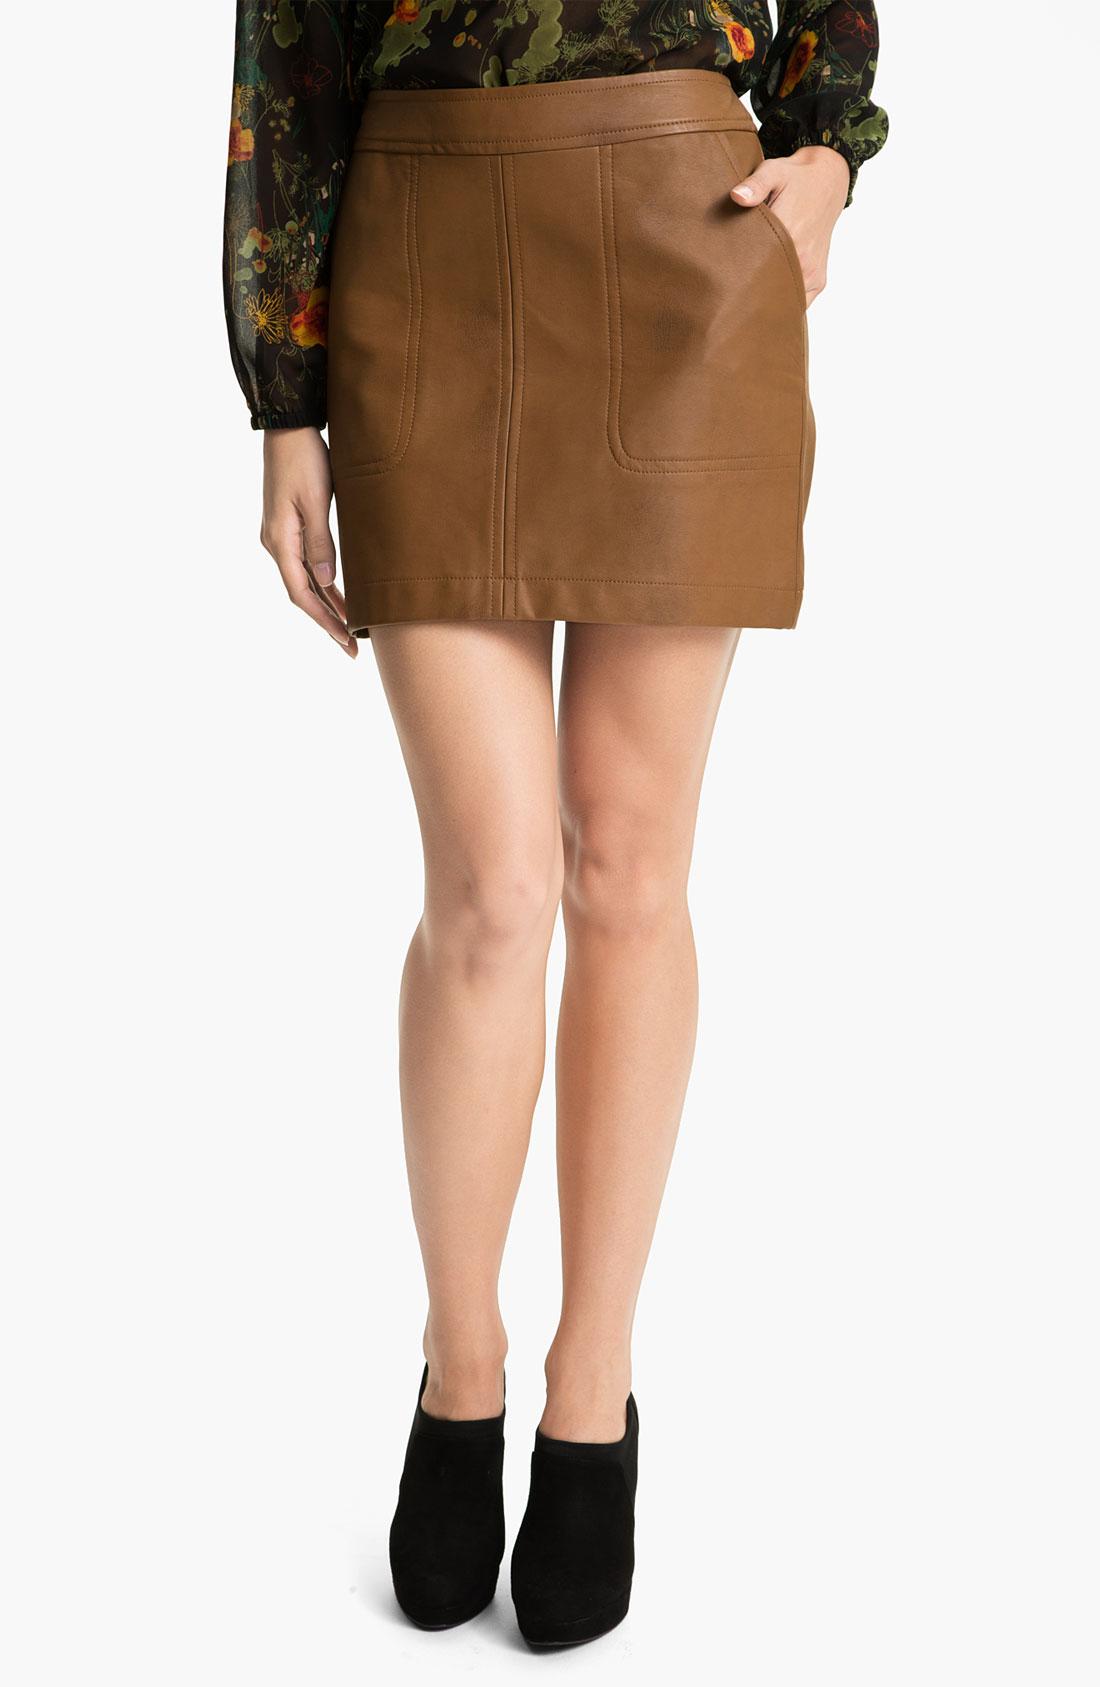 kensie faux leather skirt in brown cinnamon lyst